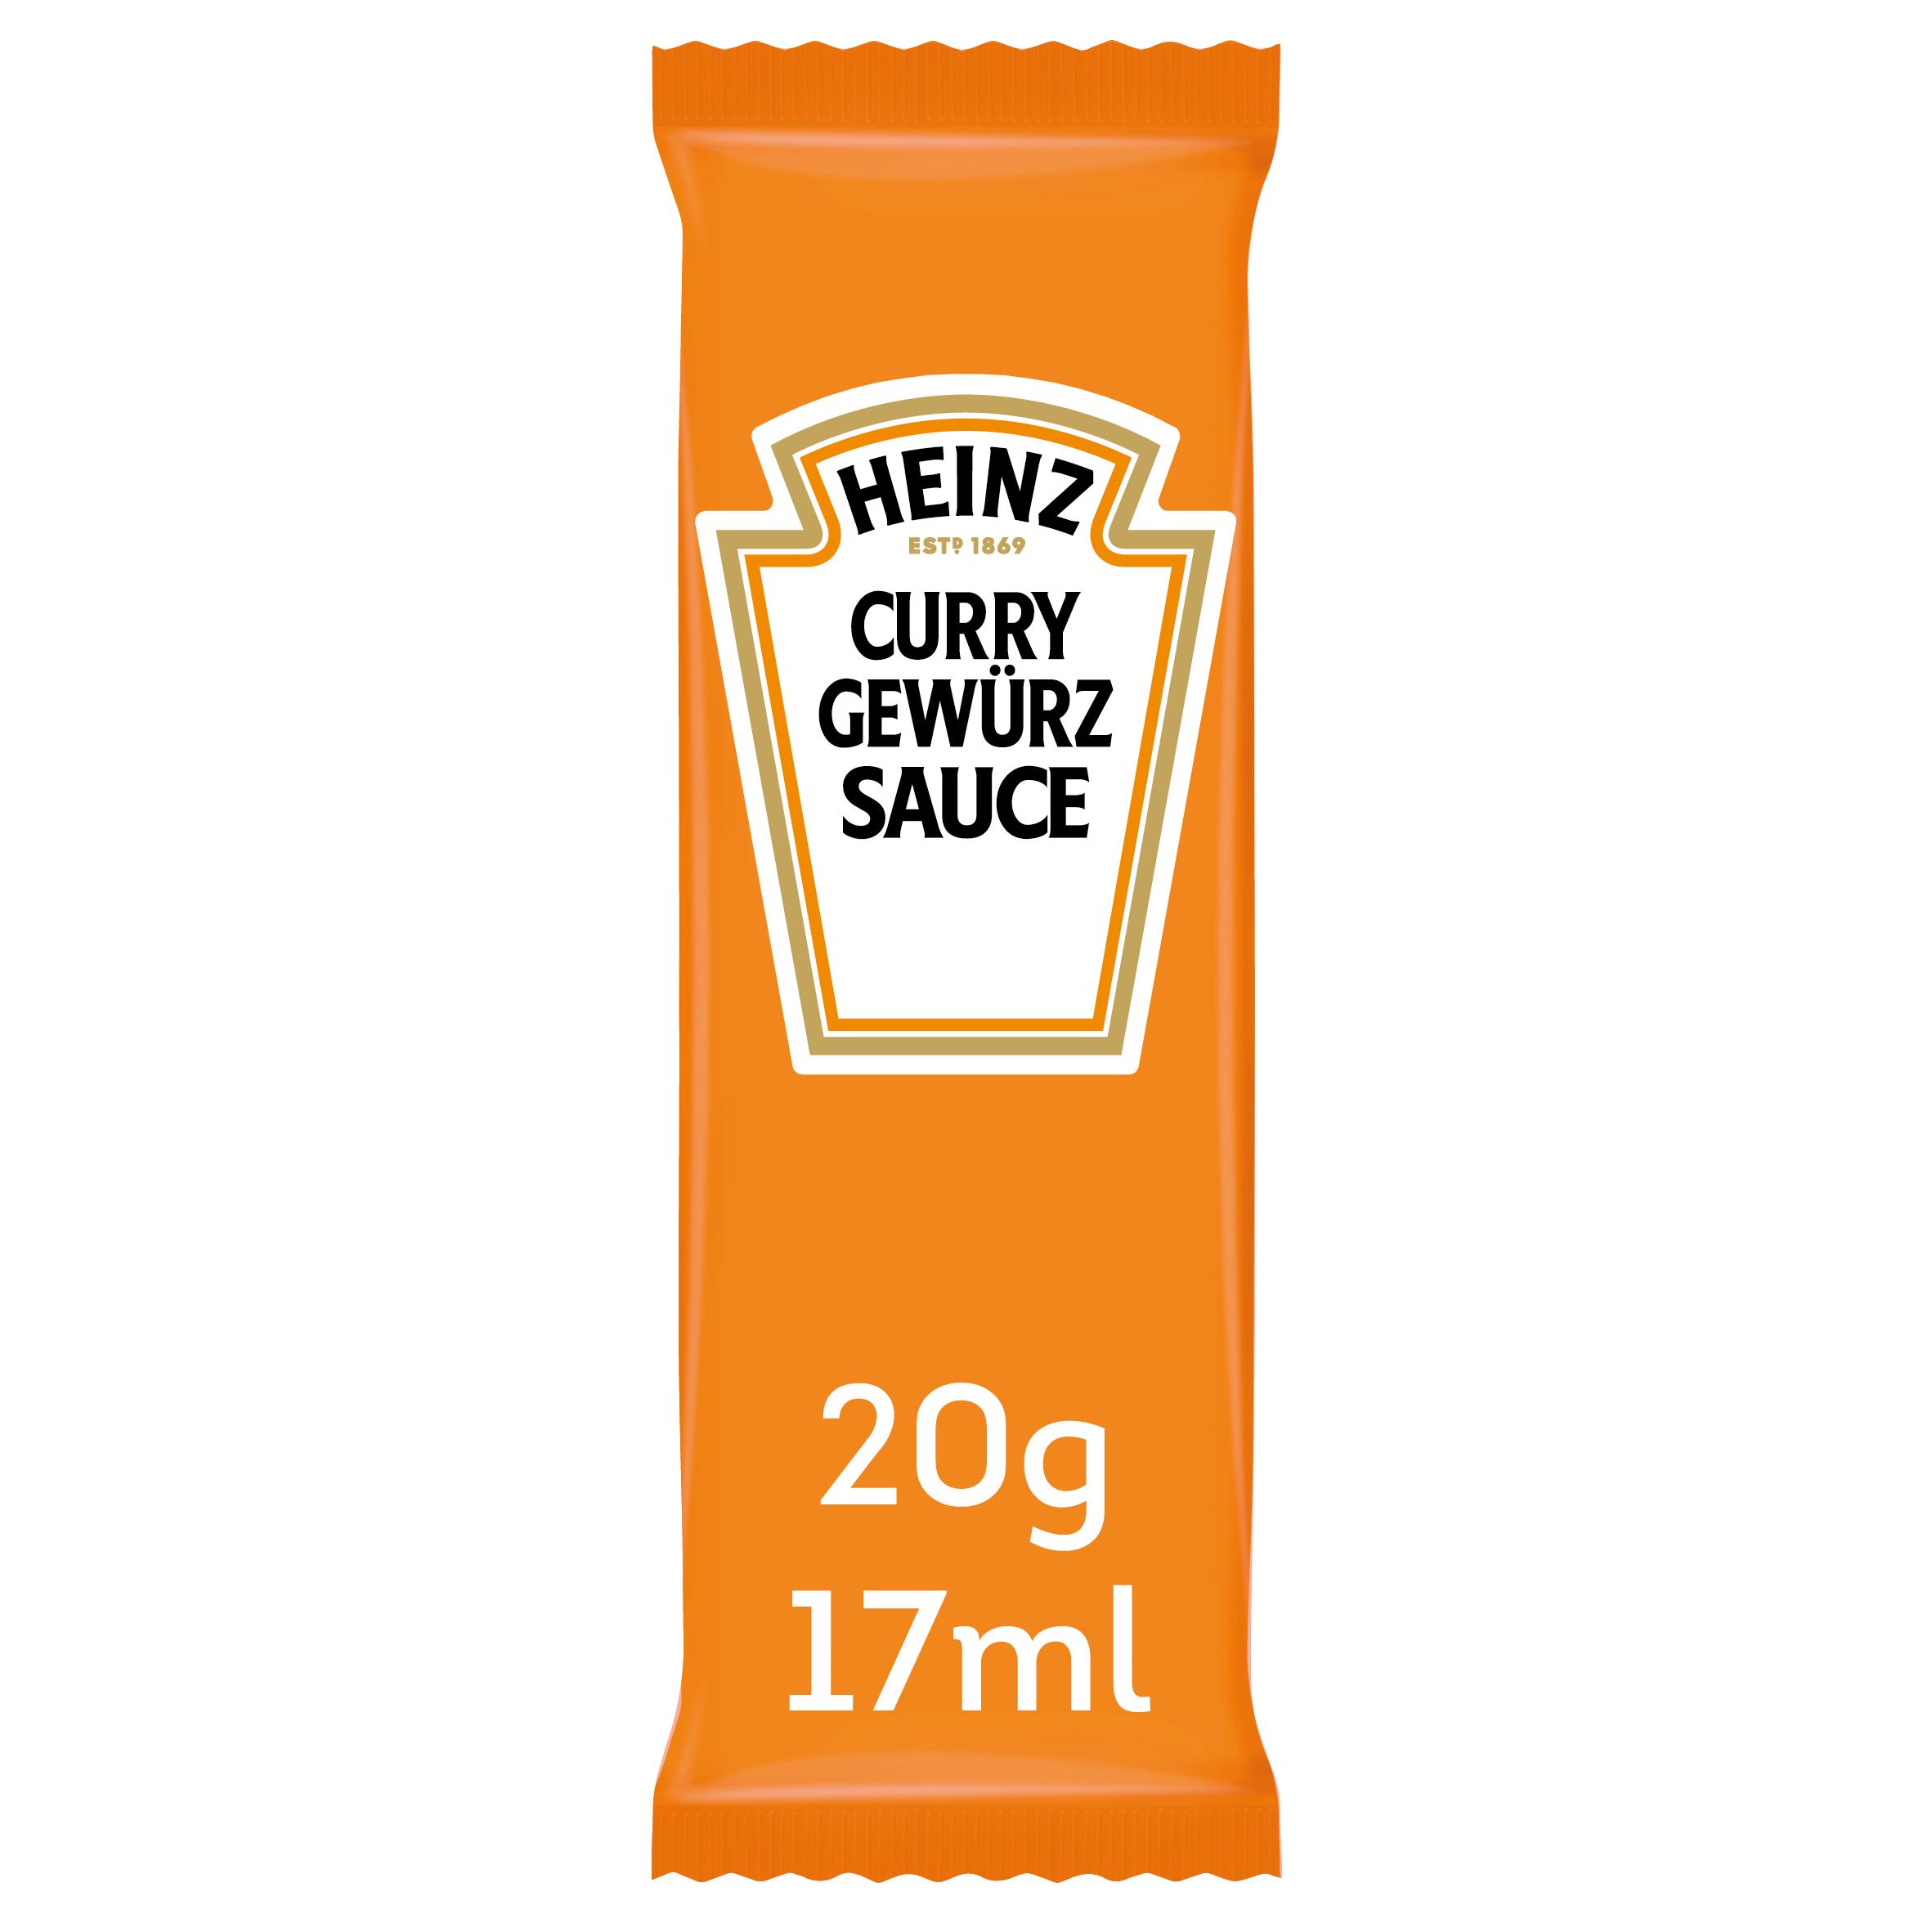 Heinz Curry Gewurz sachet 17ml image